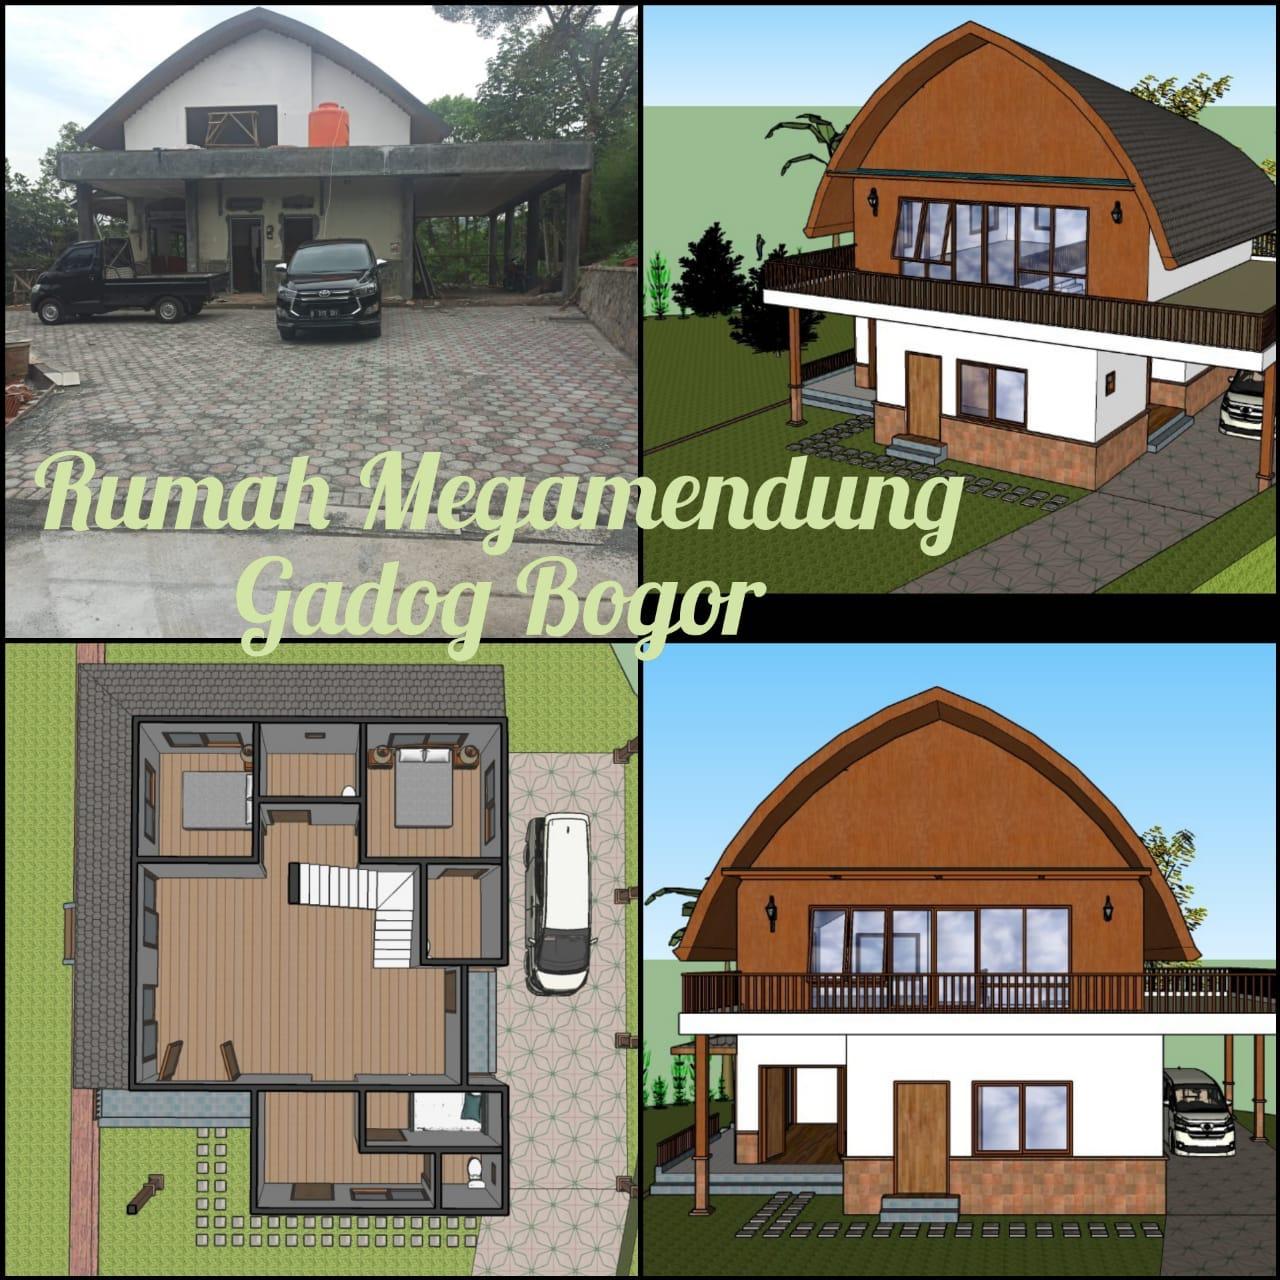 Rumah Megamendung Gadog Bogor